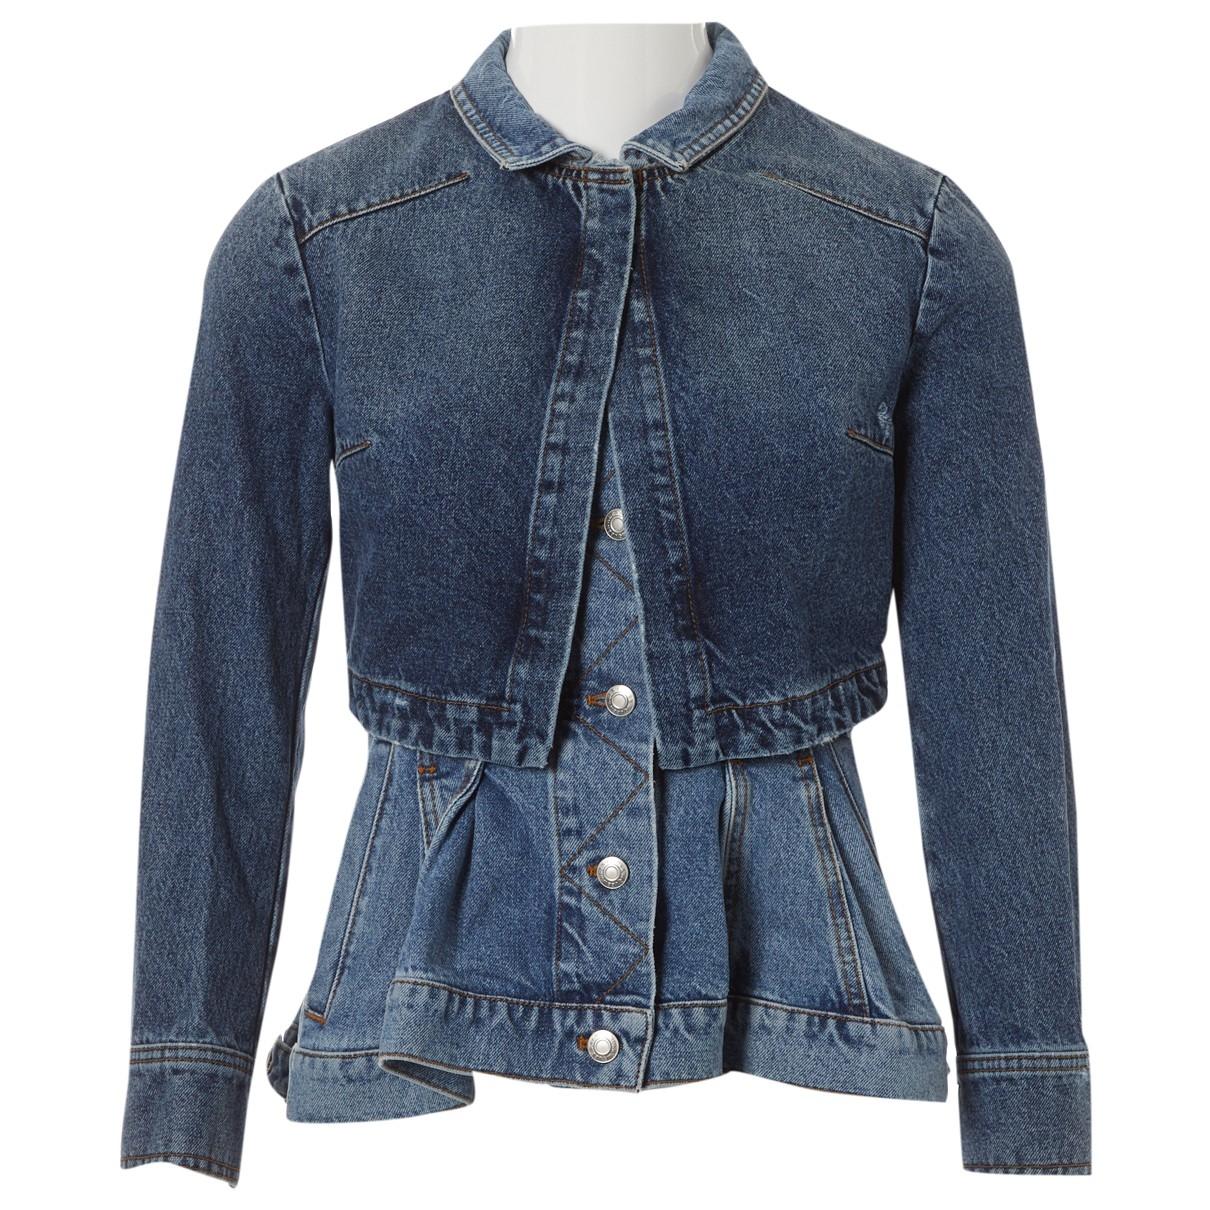 Alexander Mcqueen \N Blue Denim - Jeans jacket for Women 38 IT